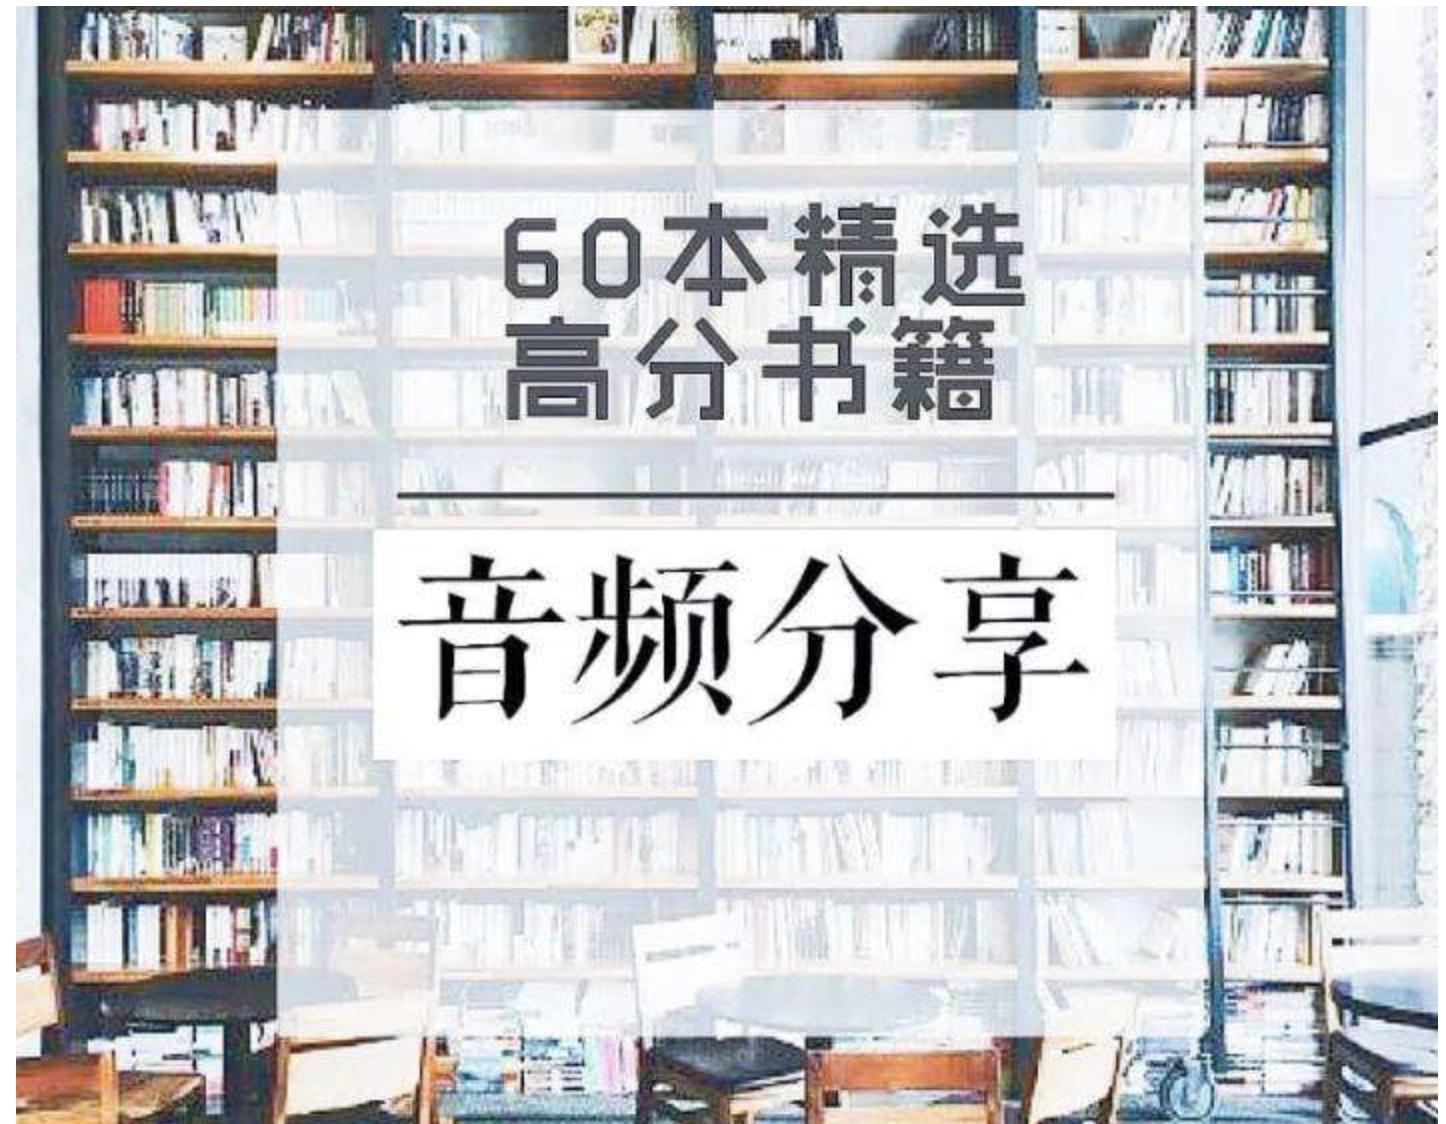 60本豆瓣高分书全面提升见识、智慧、格局